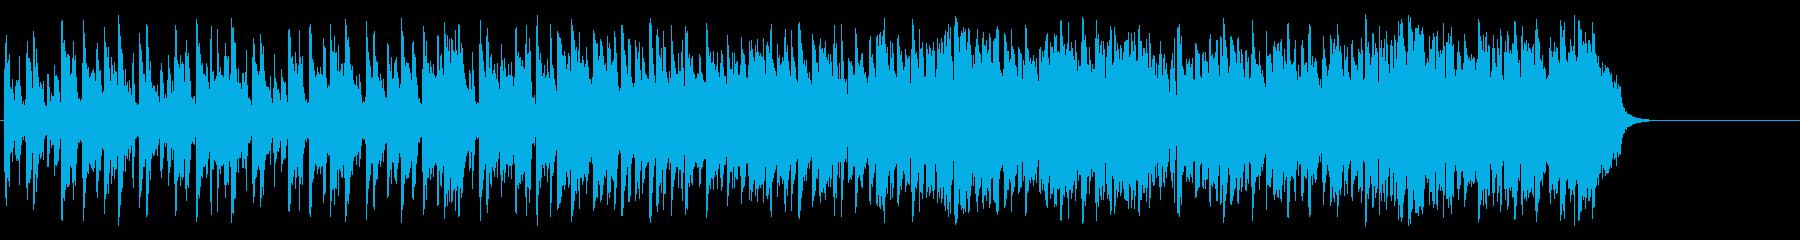 リゾート風のフュージョン(Aメロ~サビ)の再生済みの波形